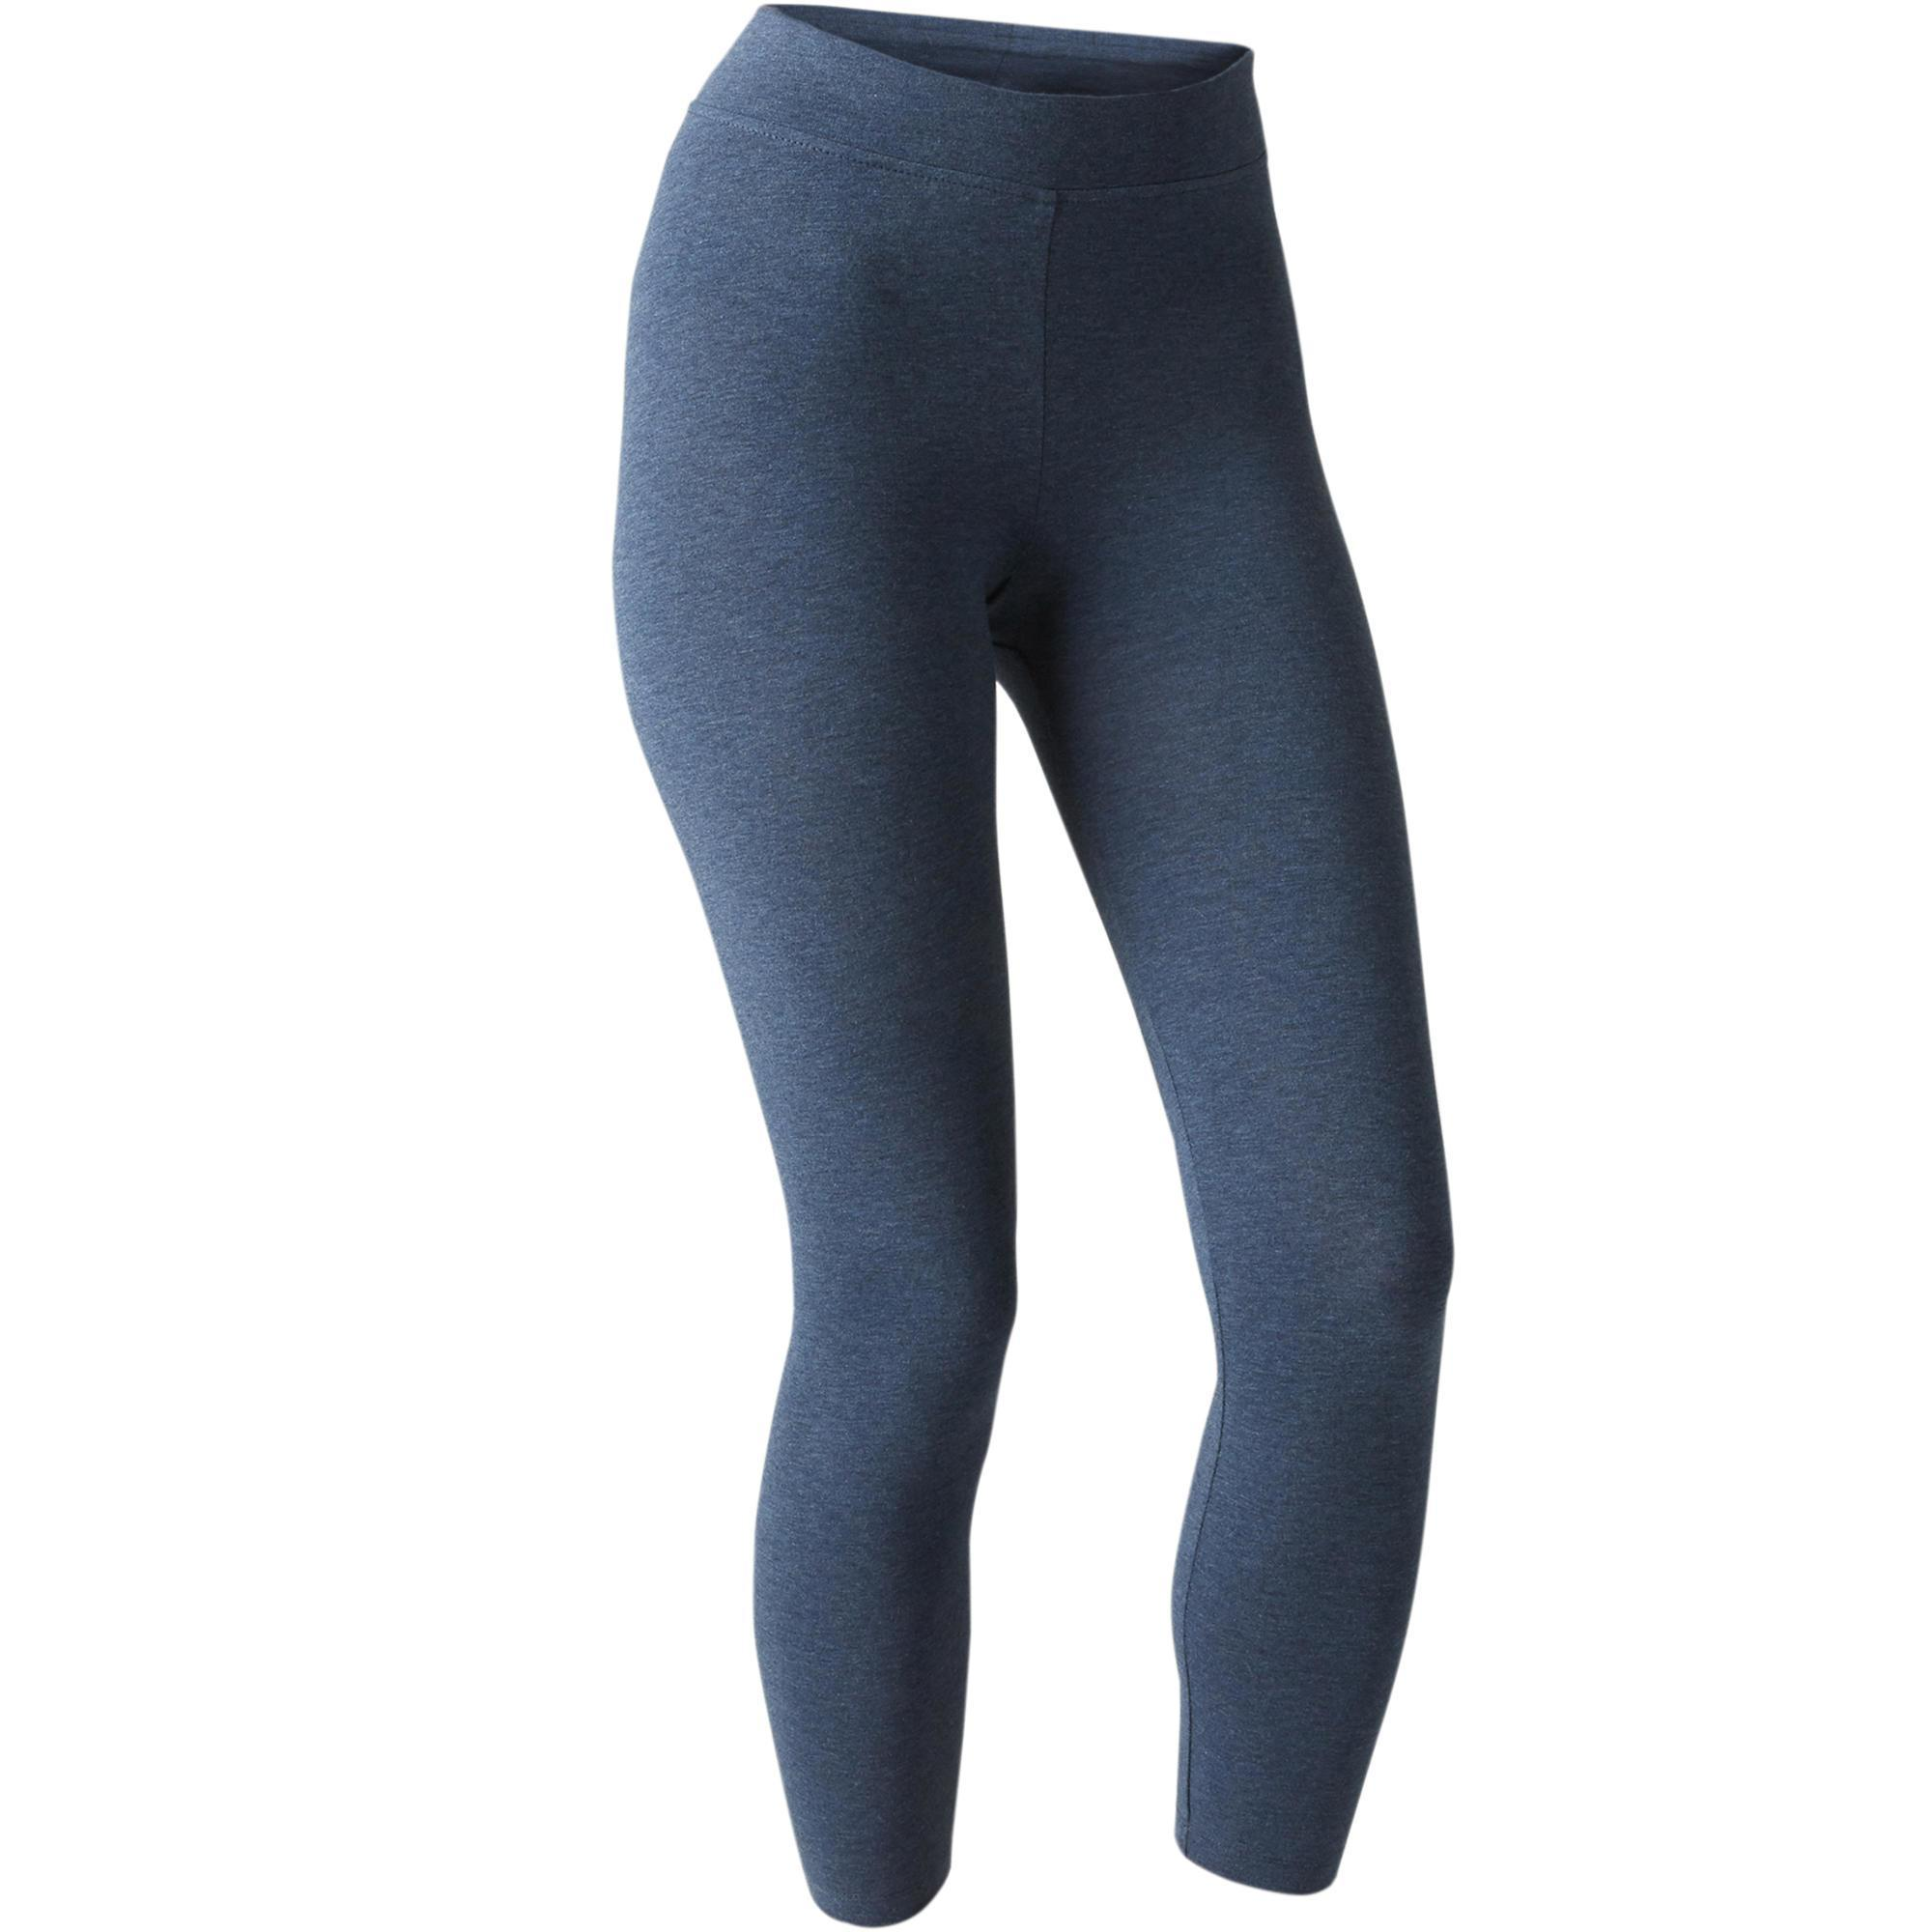 Domyos 7/8-legging Fit+ 500 slim fit pilates en lichte gym dames gemêleerd blauw vergelijken? Domyos ervaringen? Domyos – Pilates – 7/8-legging – 7/8-legging Fit+ 500 slim fit pilates en lichte gym dames gemêleerd blauw. Onze ontwerpers ontwikkelden deze 7/8-legging voor pilates of lichte gym. Ze is geschikt voor gemiddeld intensief sporten. met voordeel